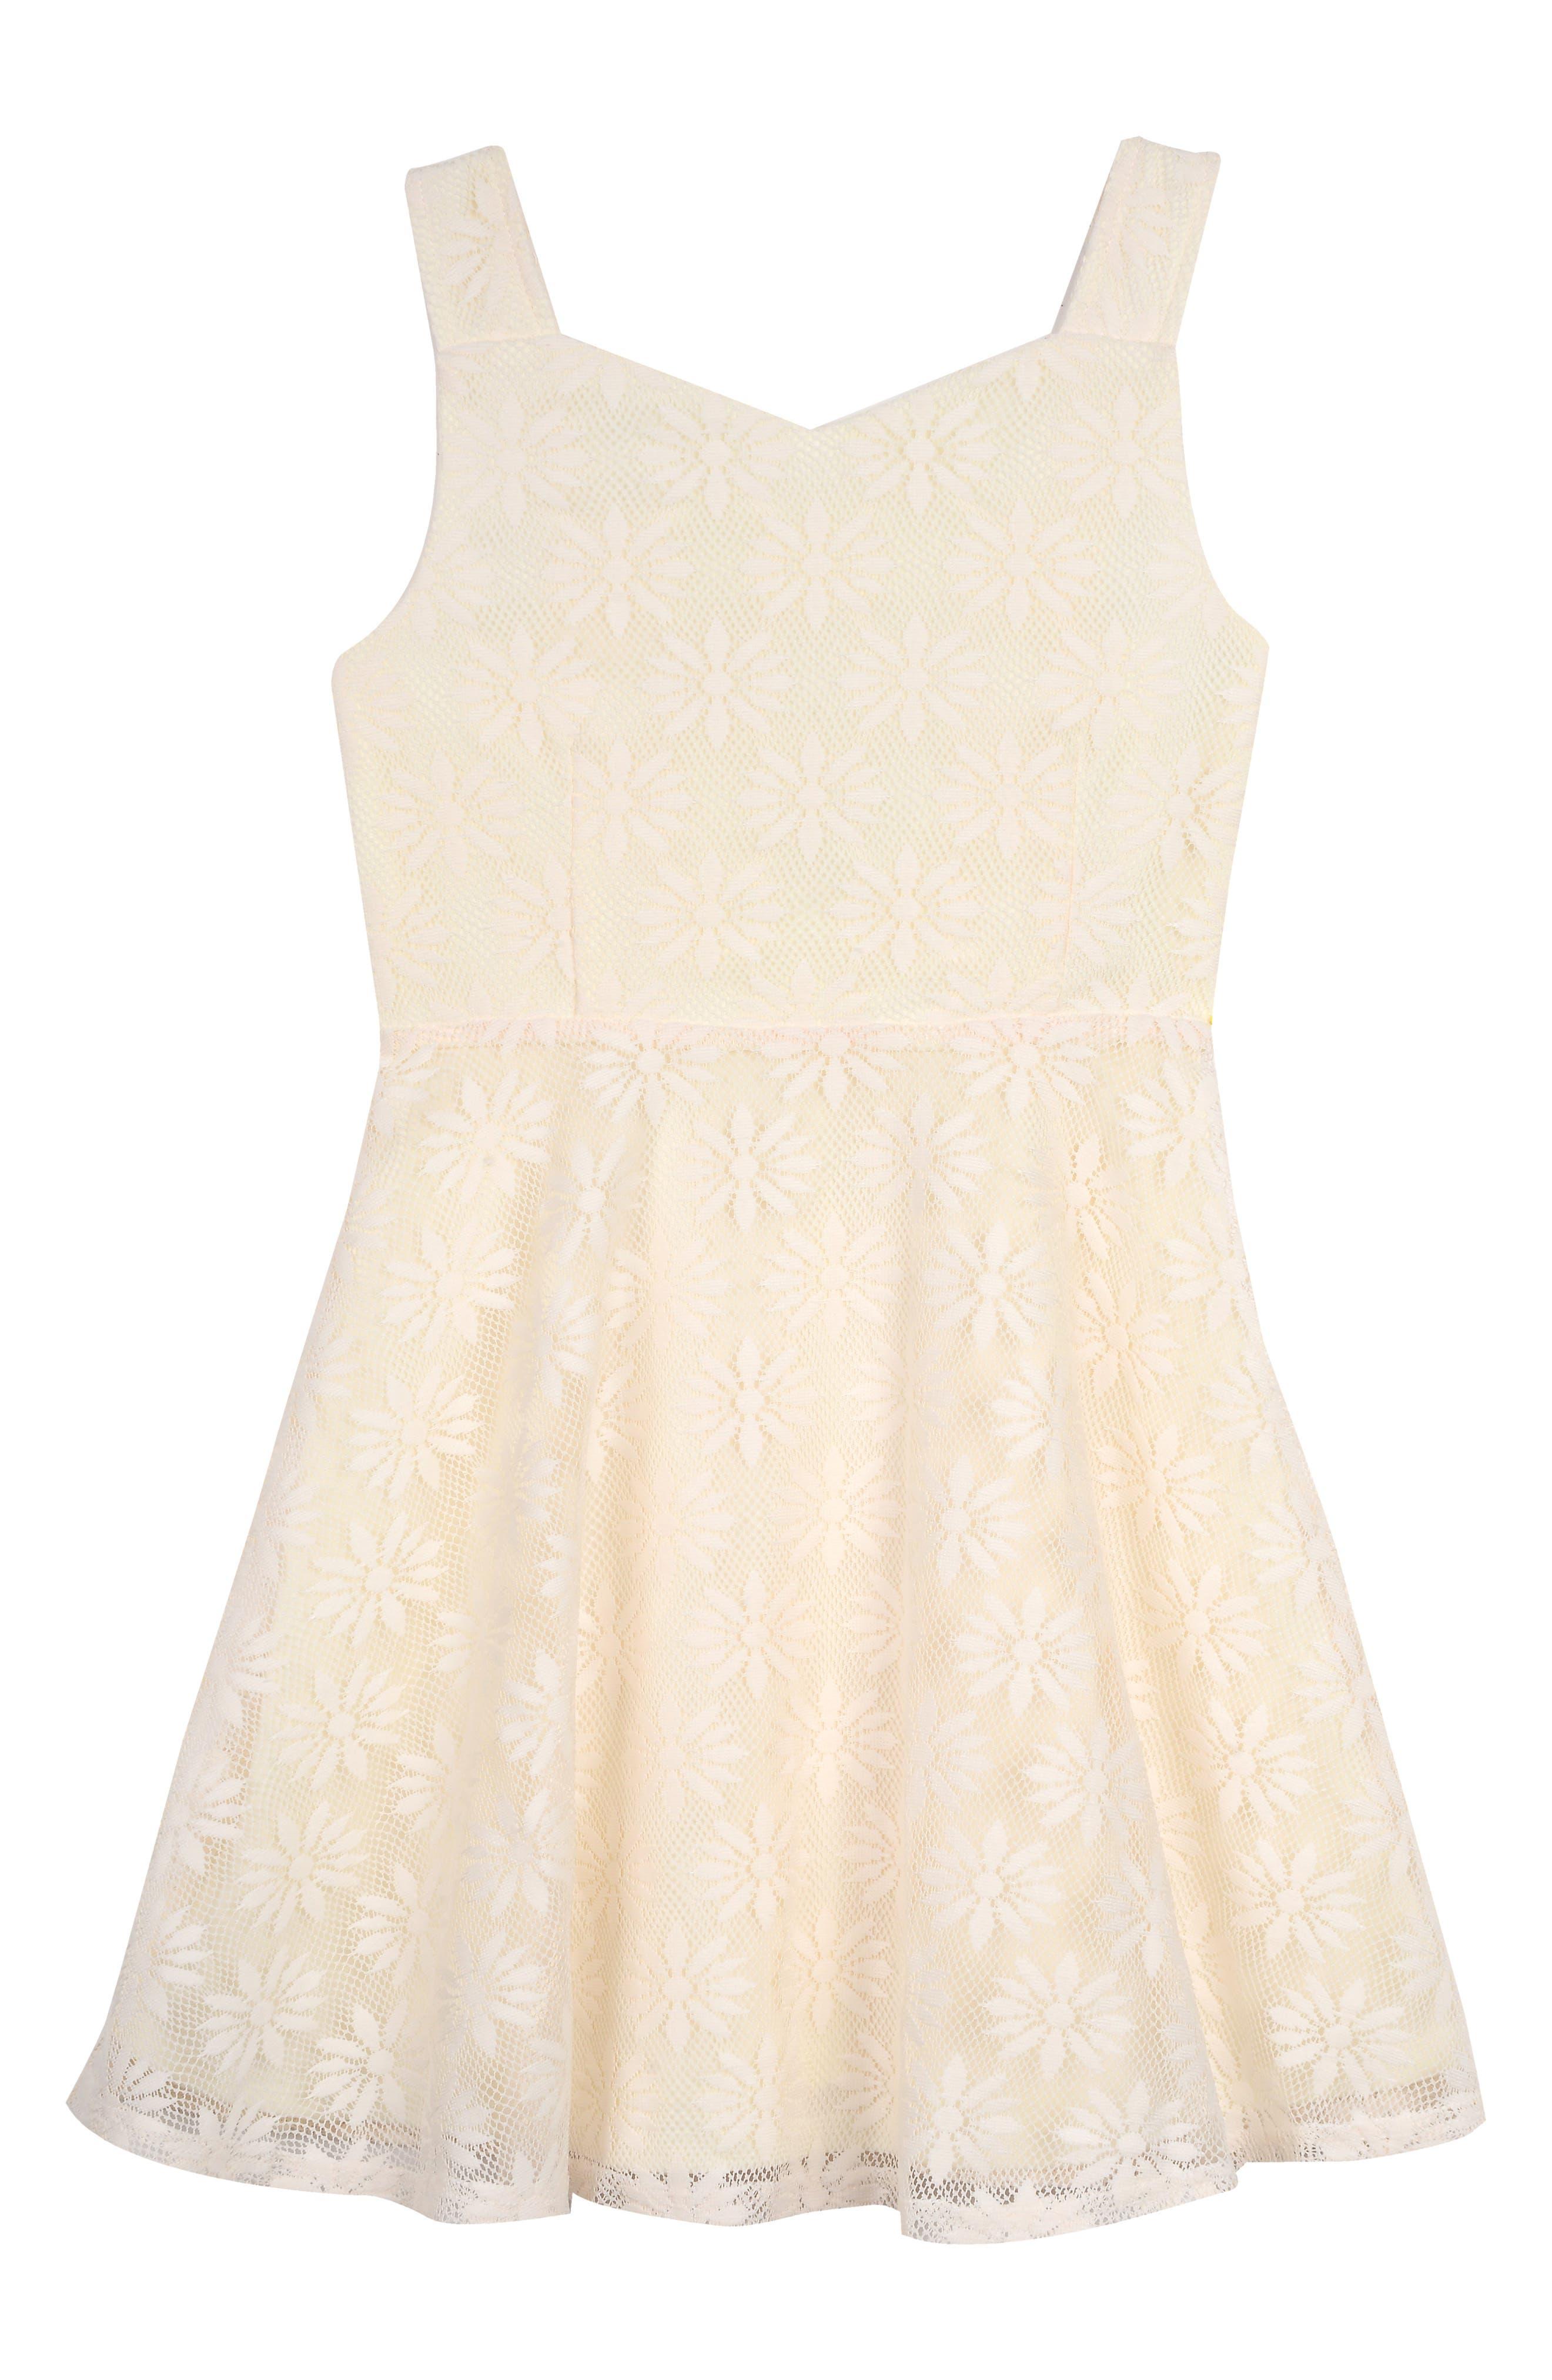 PIPPA & JULIE, Daisy Mesh Dress, Main thumbnail 1, color, YELLOW